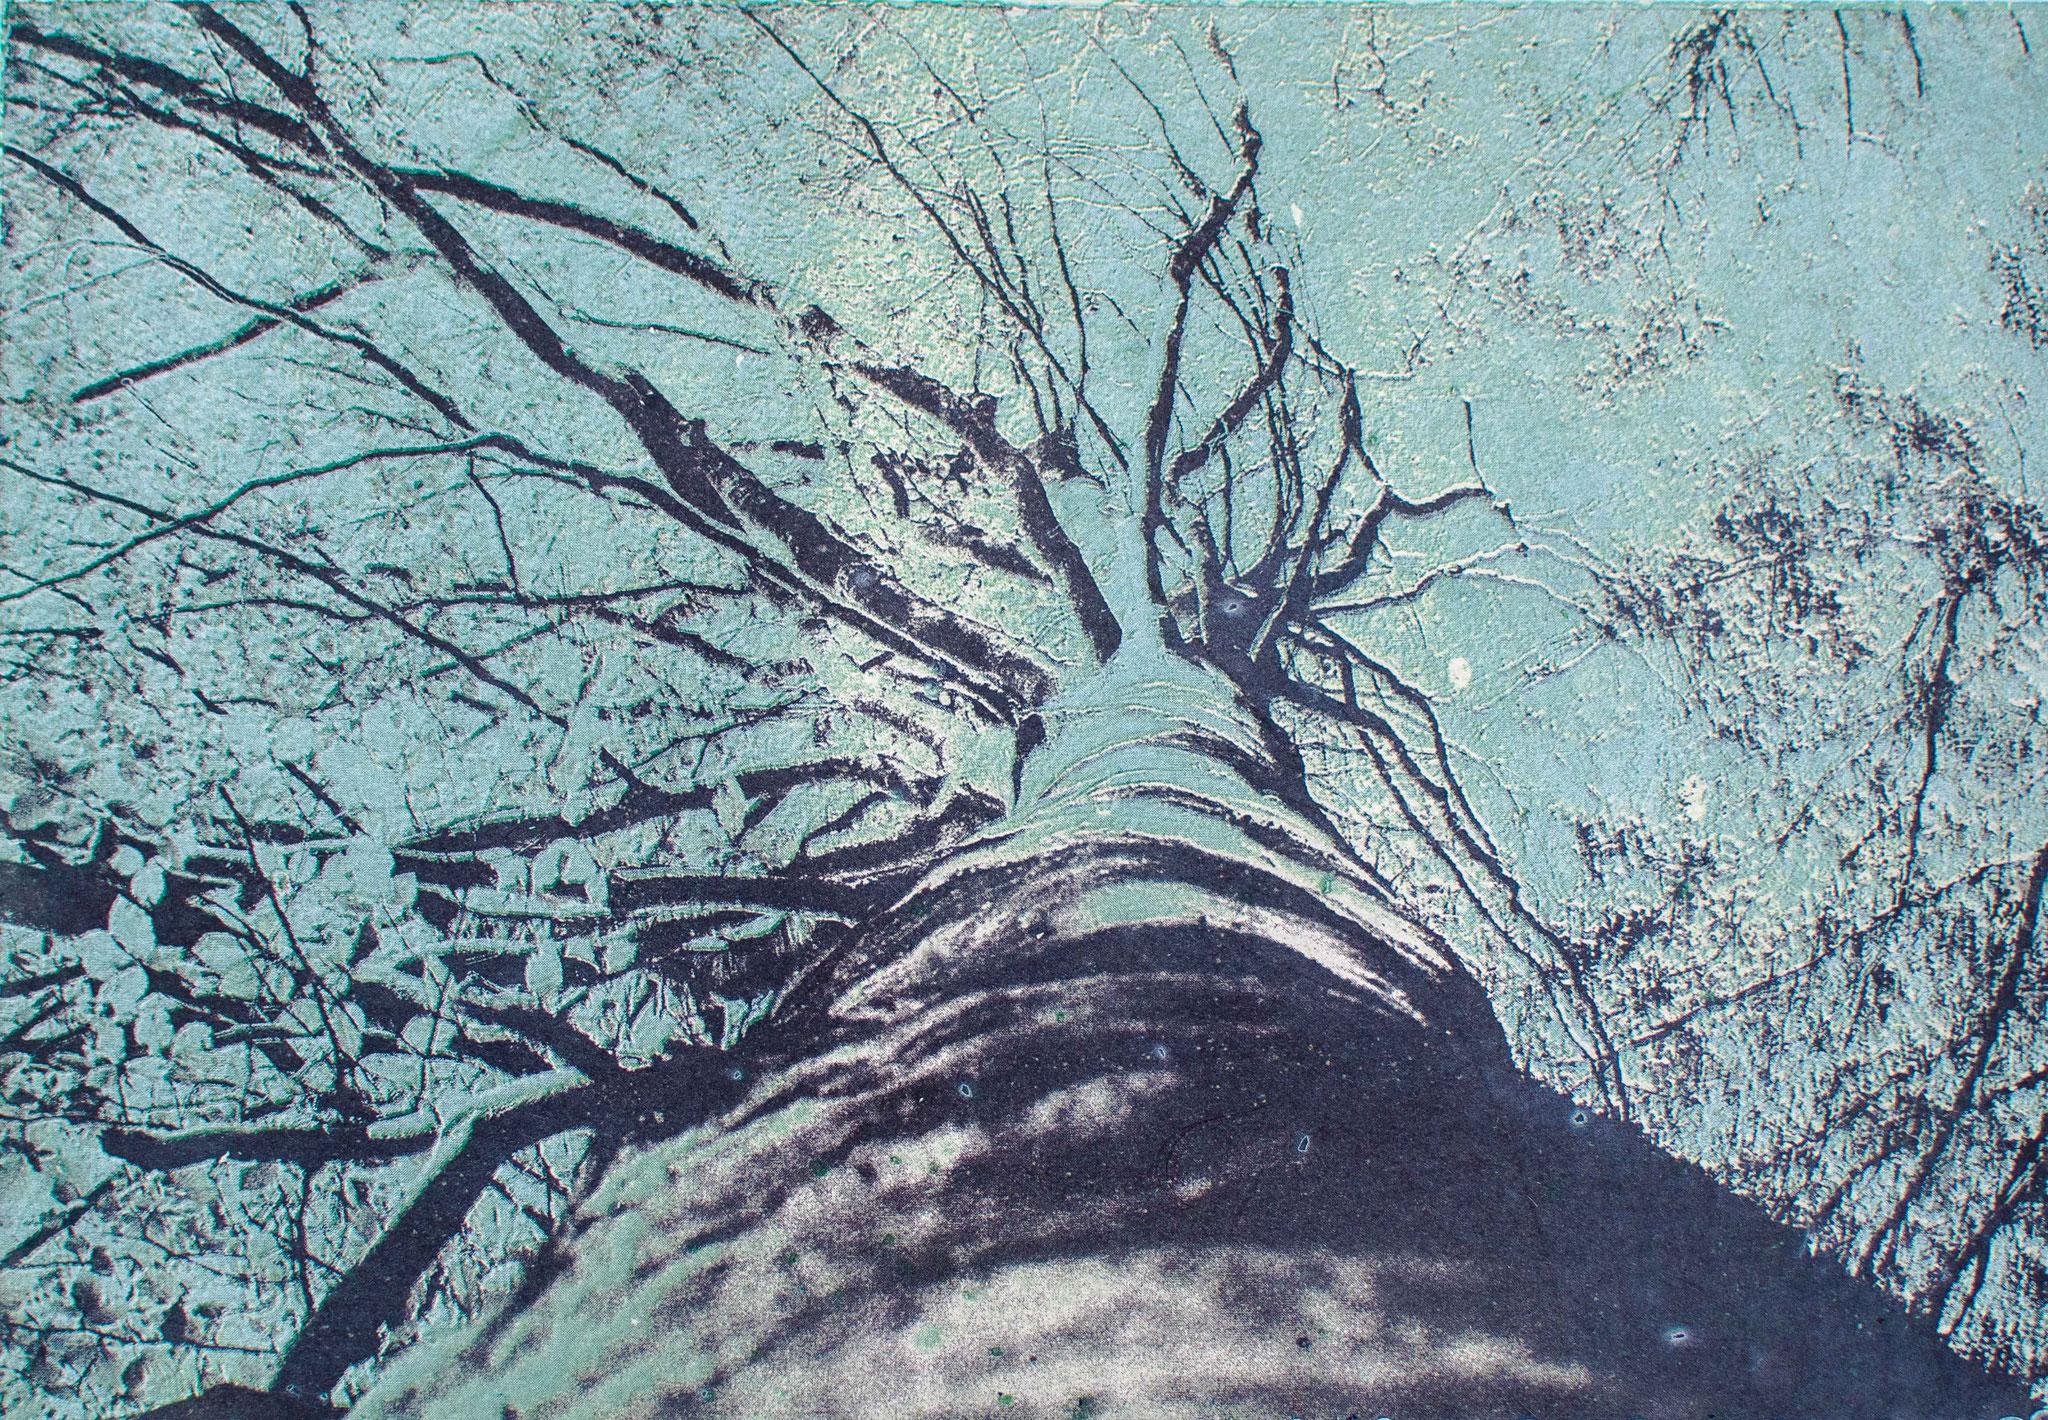 Intagliotypie, 20x30 cm, Buchenkrone